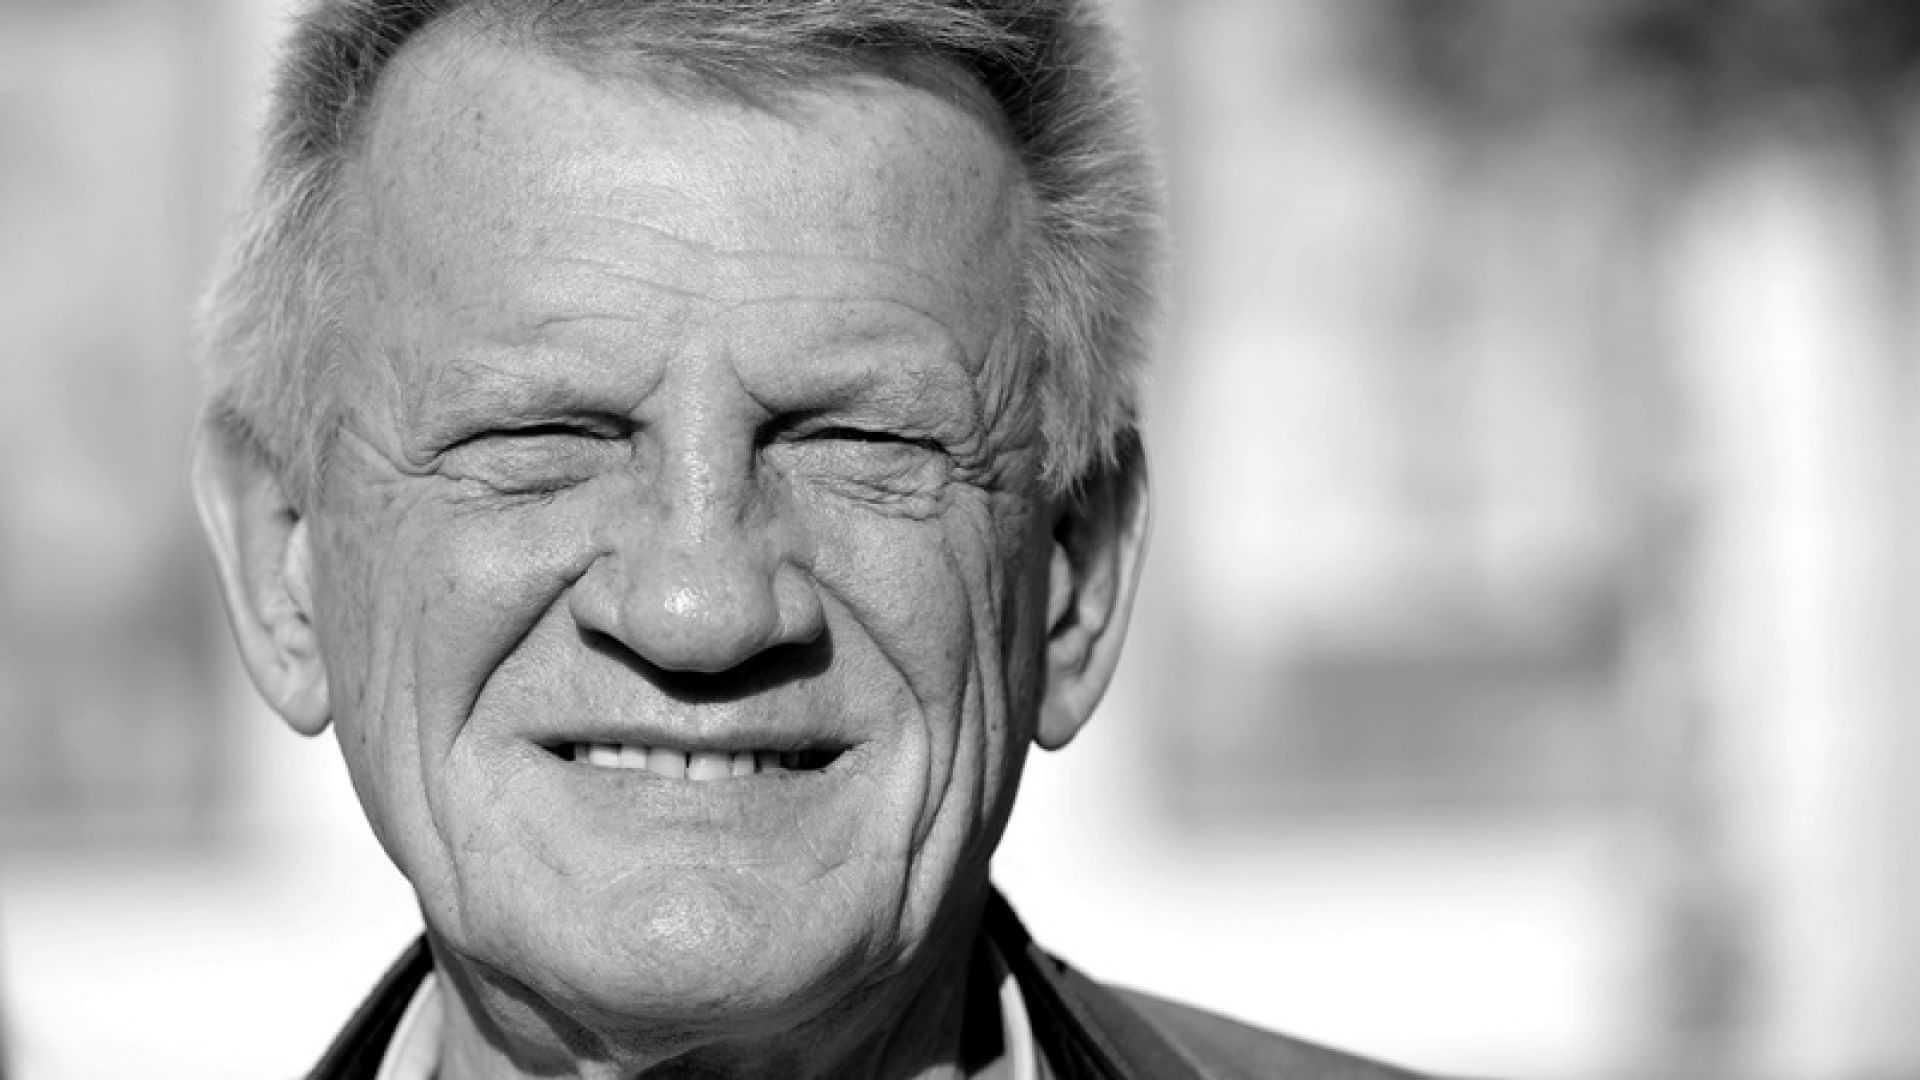 """Nie żyje słynny porucznik Borewicz z """"07 zgłoś się"""". Miał 77 lat"""